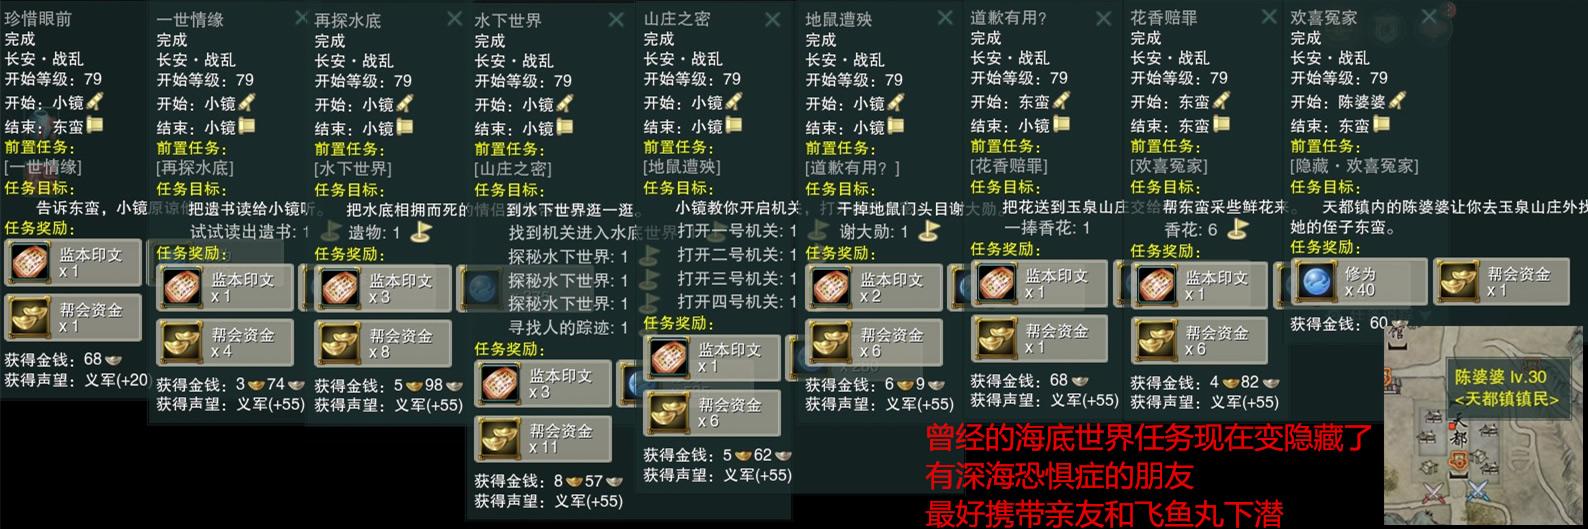 4陈婆婆链-海底世界_副本.jpg